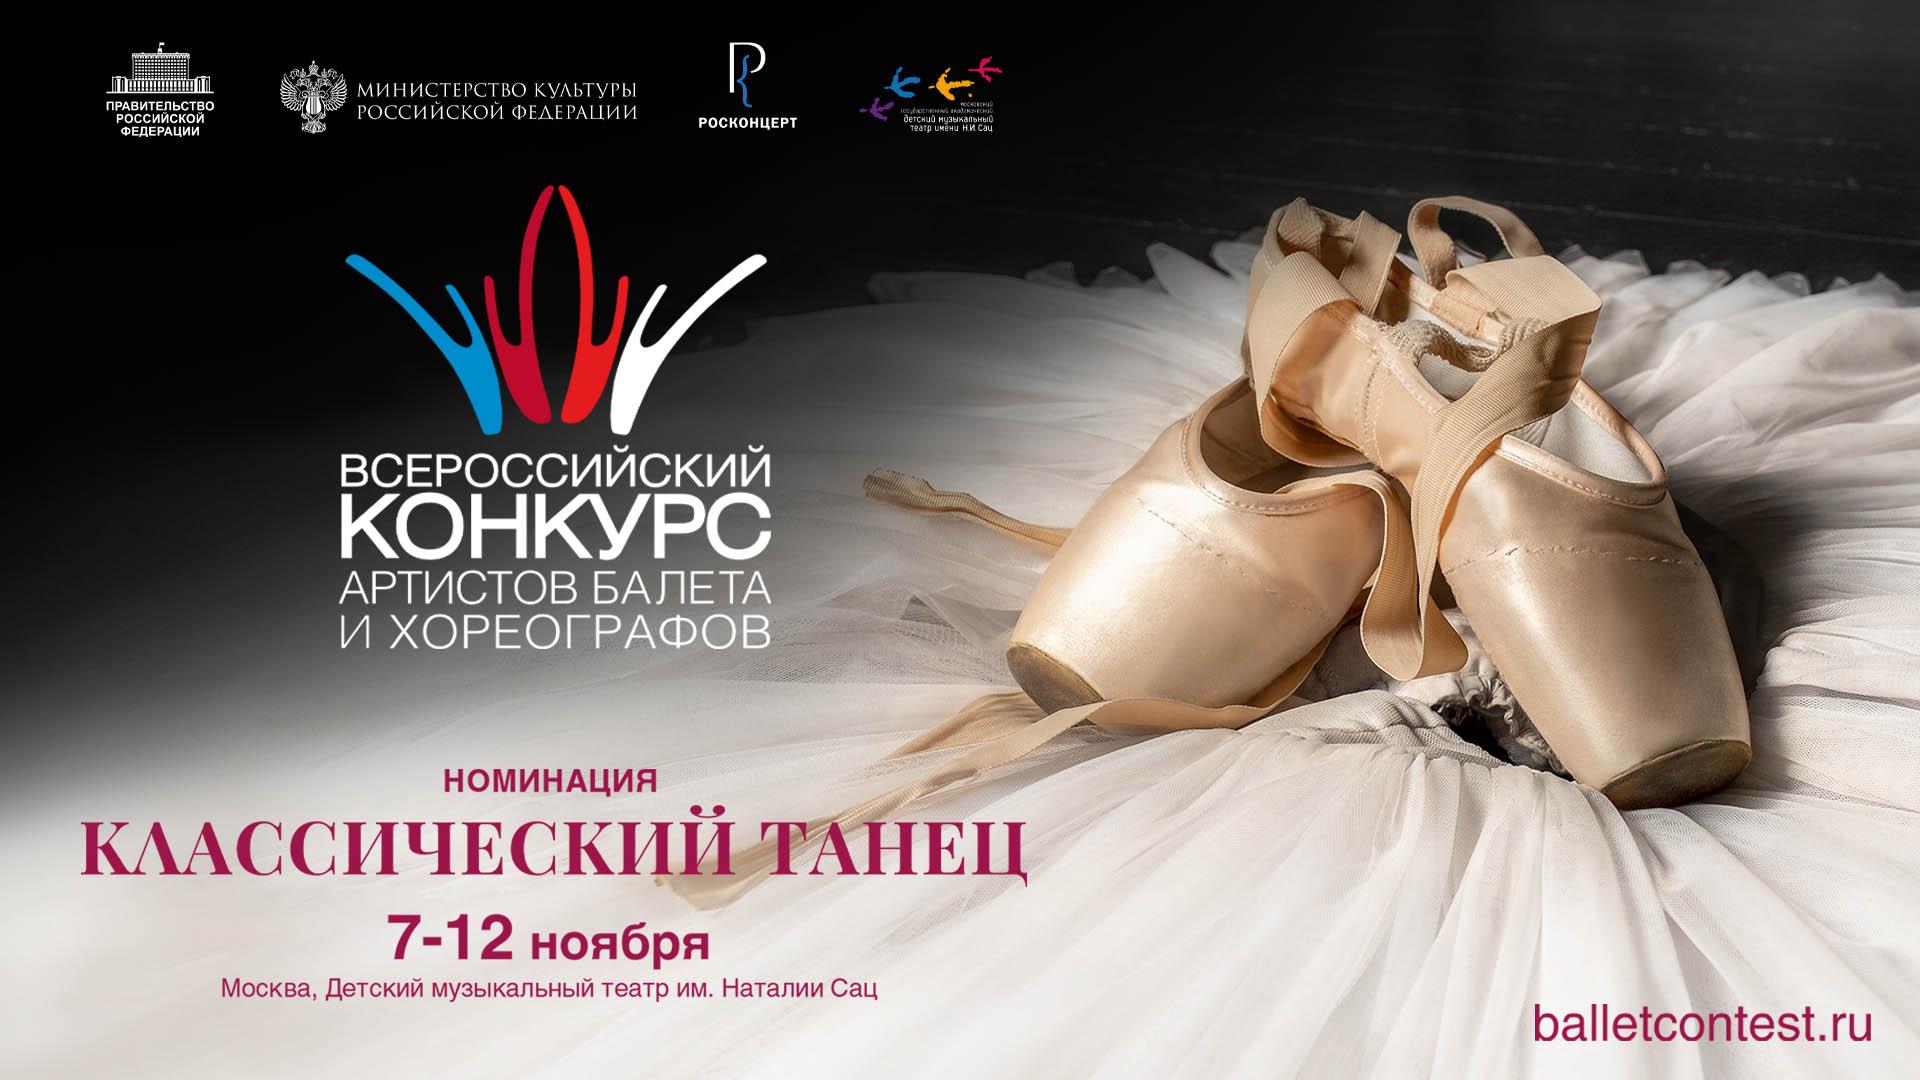 Всероссийский конкурс артистов балета и хореографов открылся в Москве